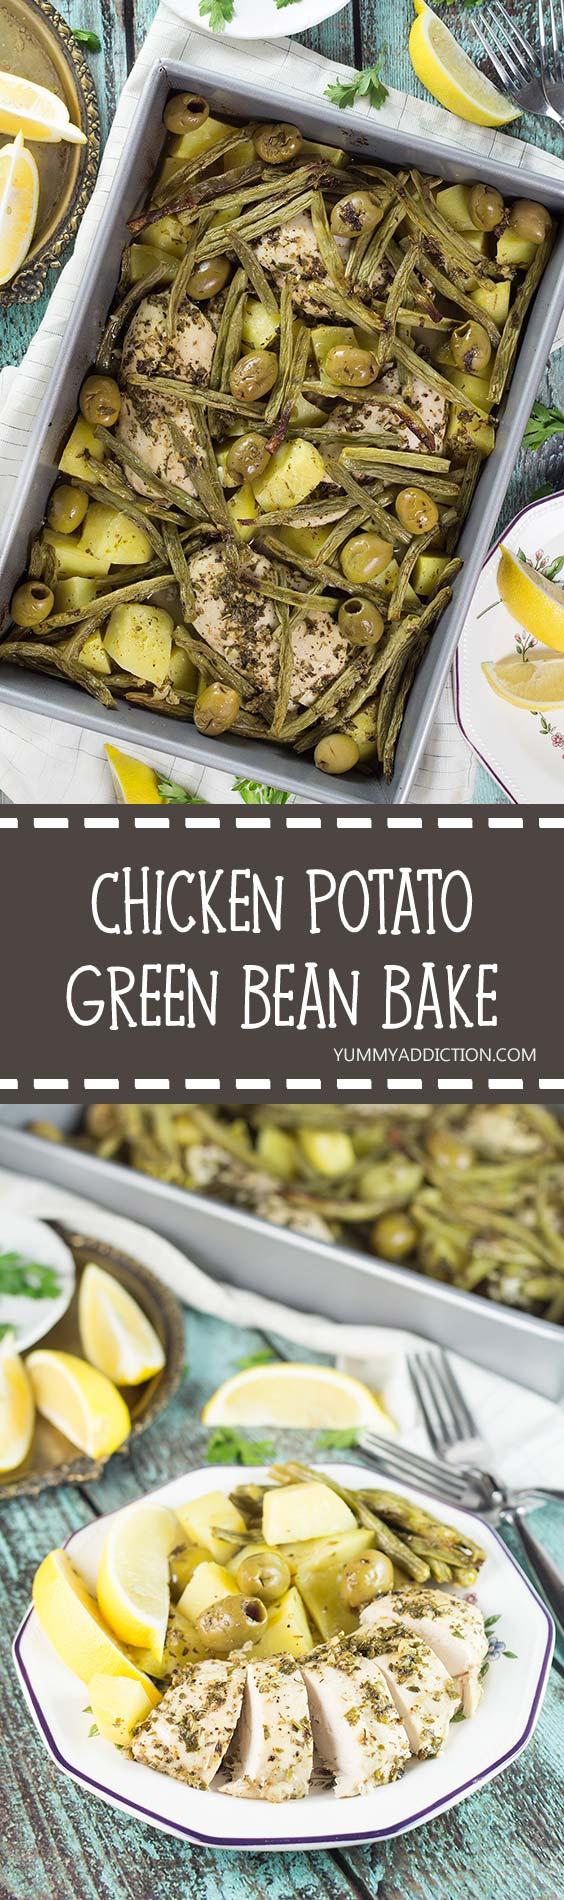 https://yummyaddiction.com/wp-content/uploads/2016/11/chicken-potato-green-bean-bake-2.jpg